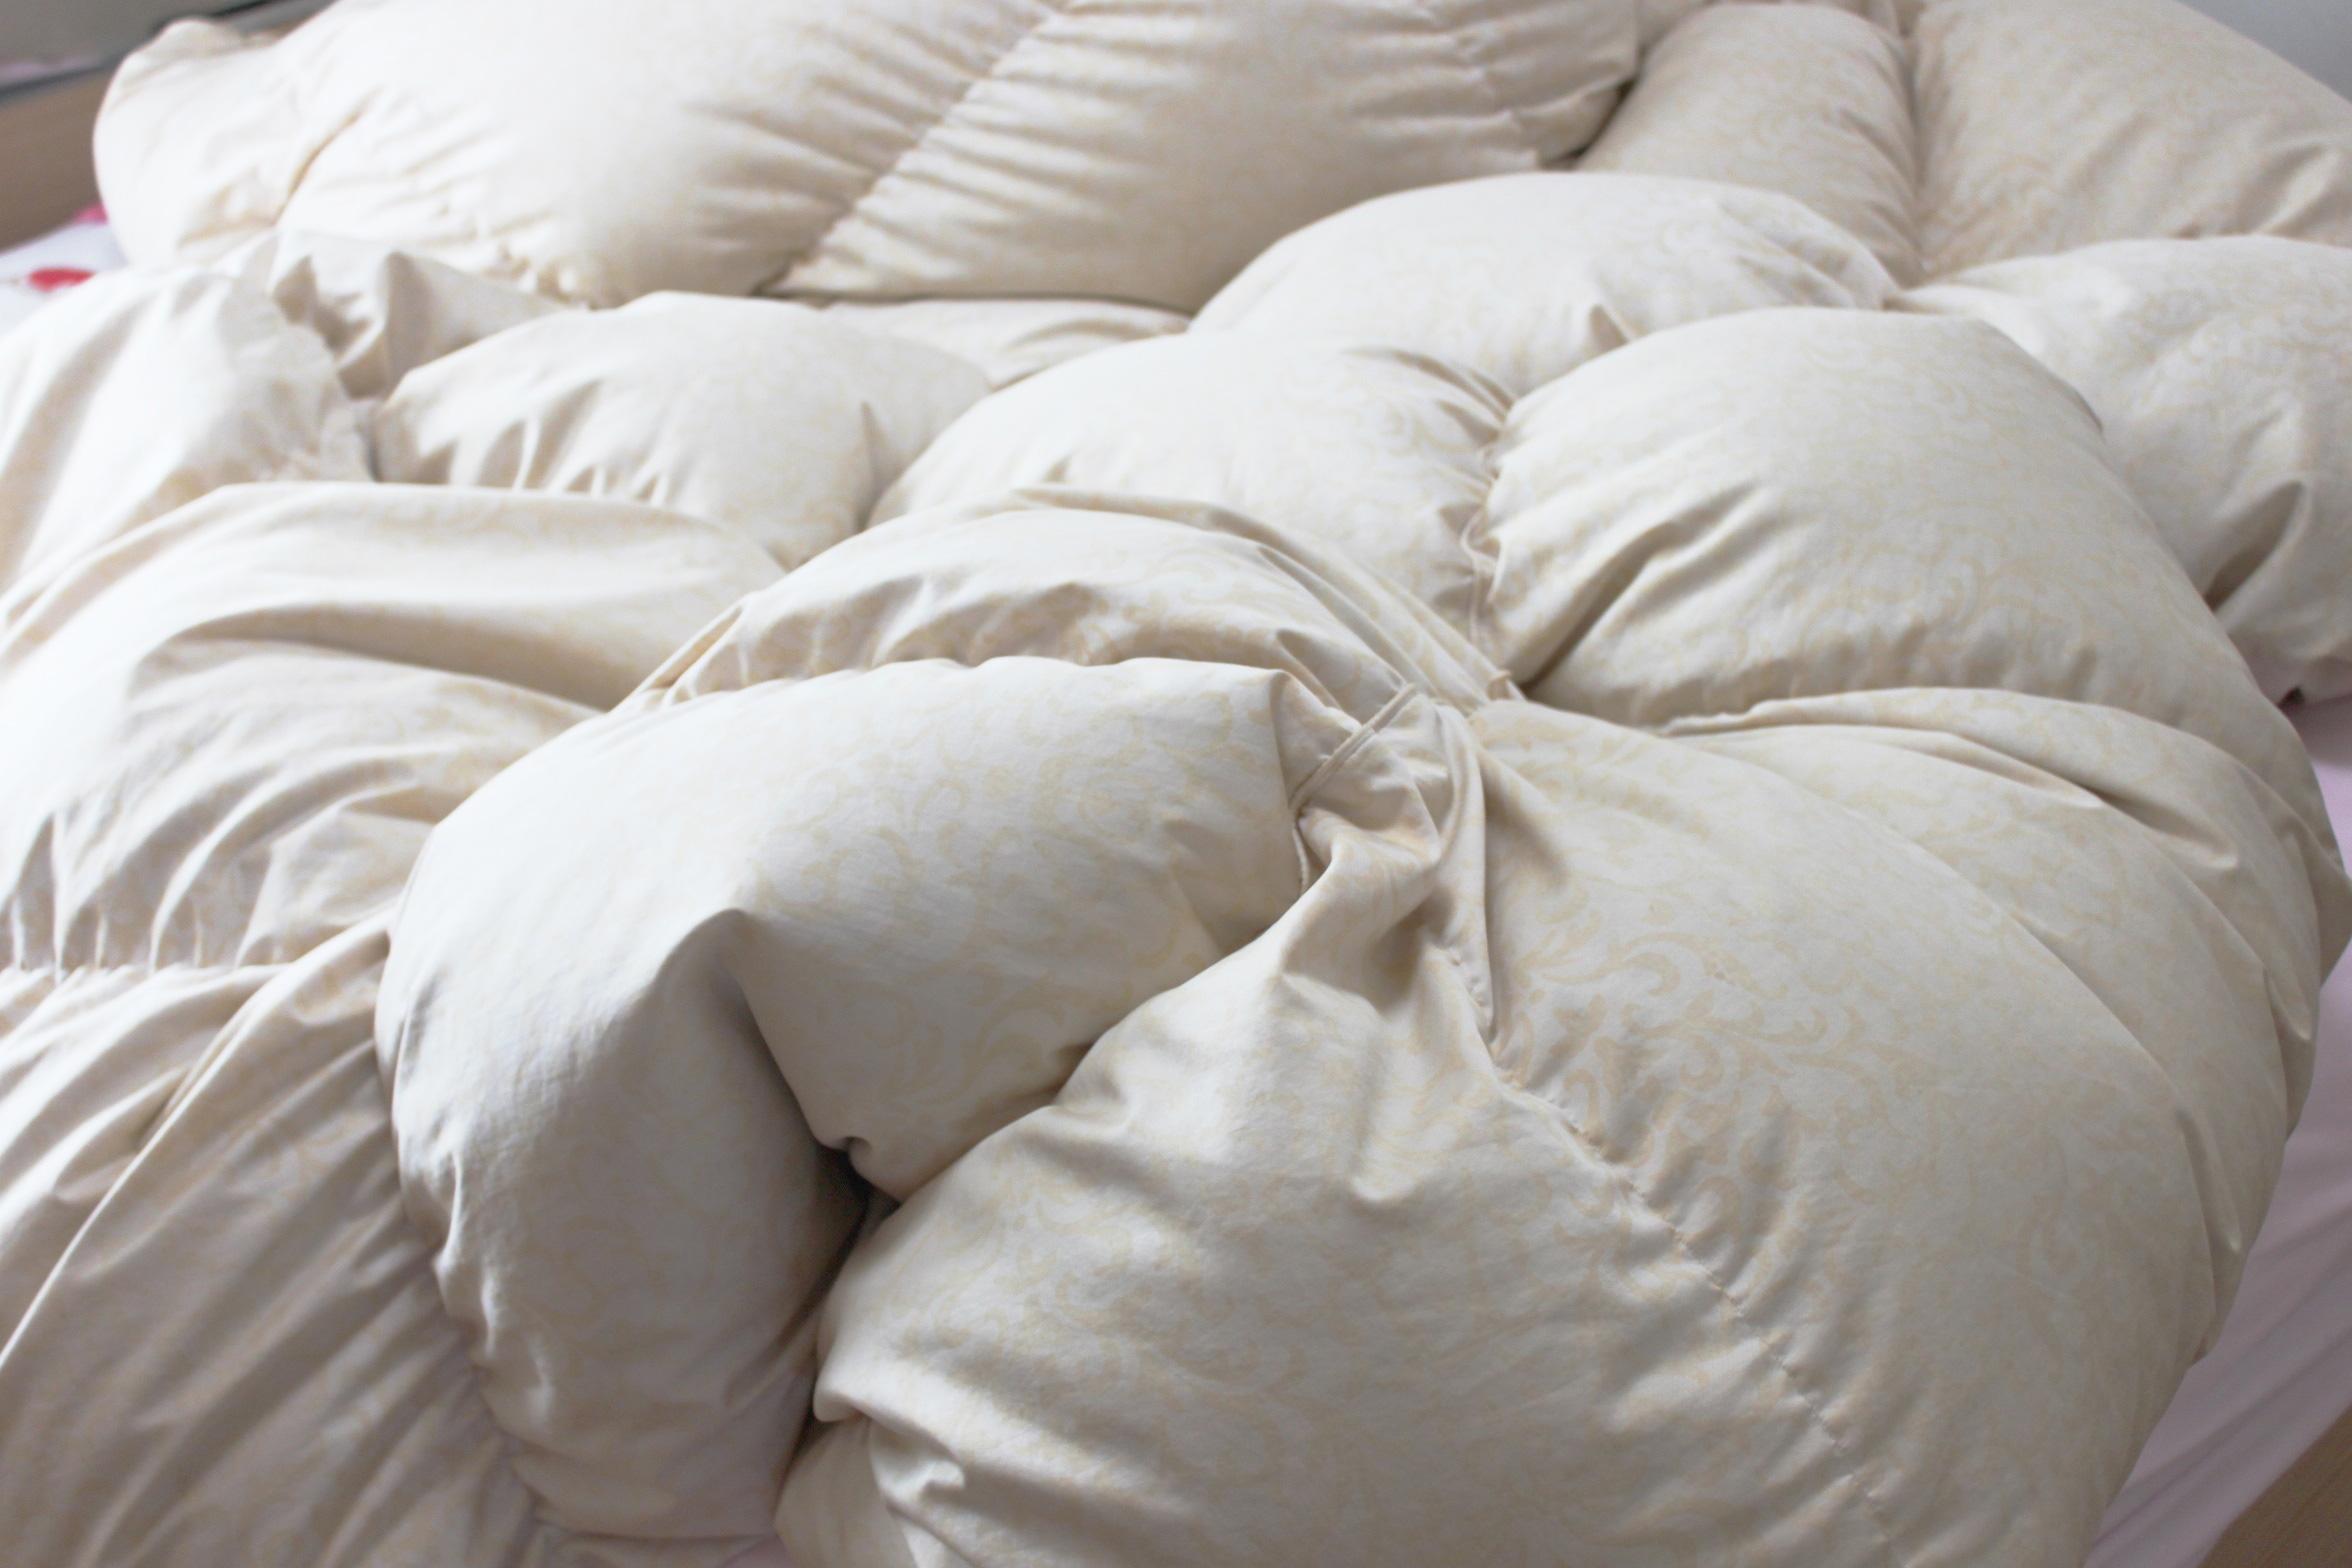 羽毛布団もOK、水洗い・高温乾燥でふんわりフカフカ、清潔に!